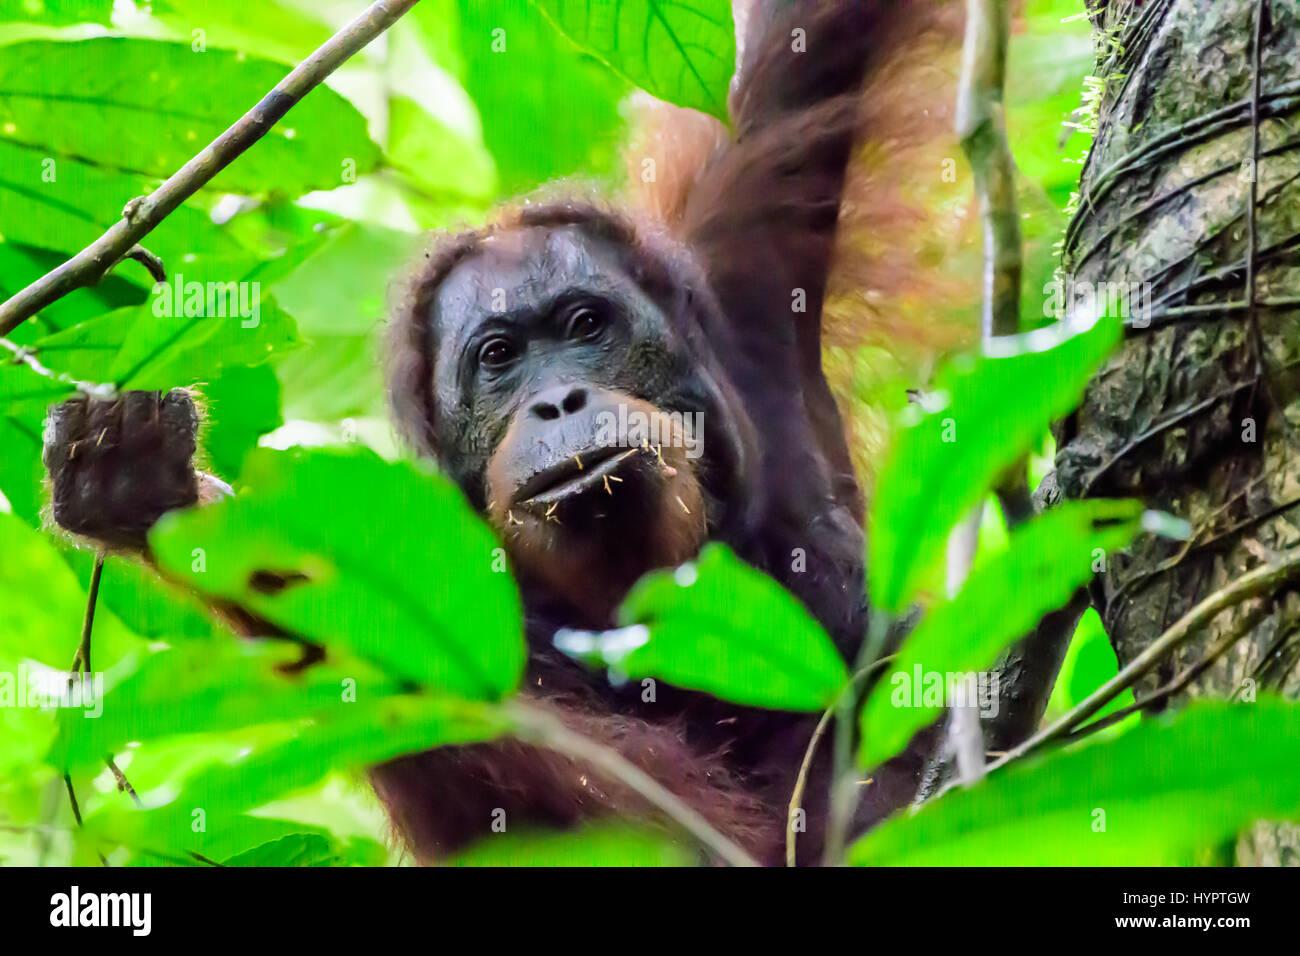 Disparo a la cabeza de un orangután mirando a través de las hojas Imagen De Stock